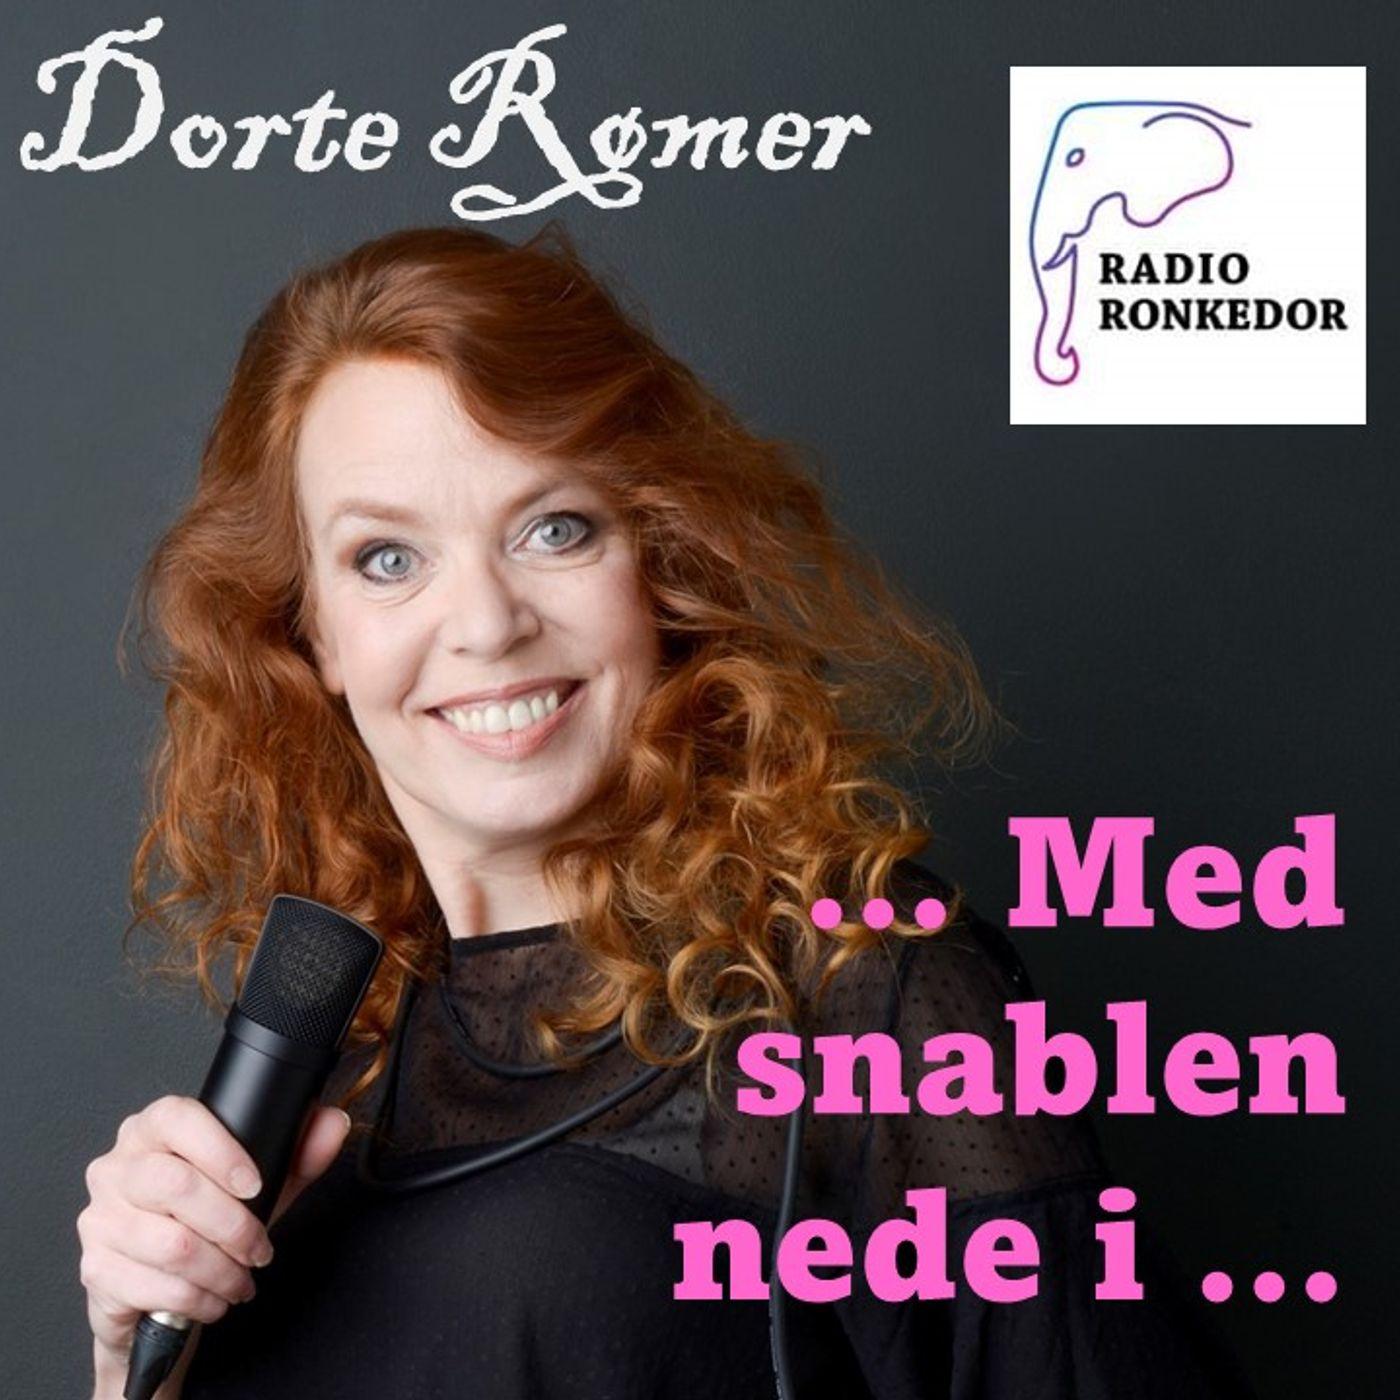 Dorte Rømer med snablen nede i ... (epis 2) forfatteren Lasse Løager